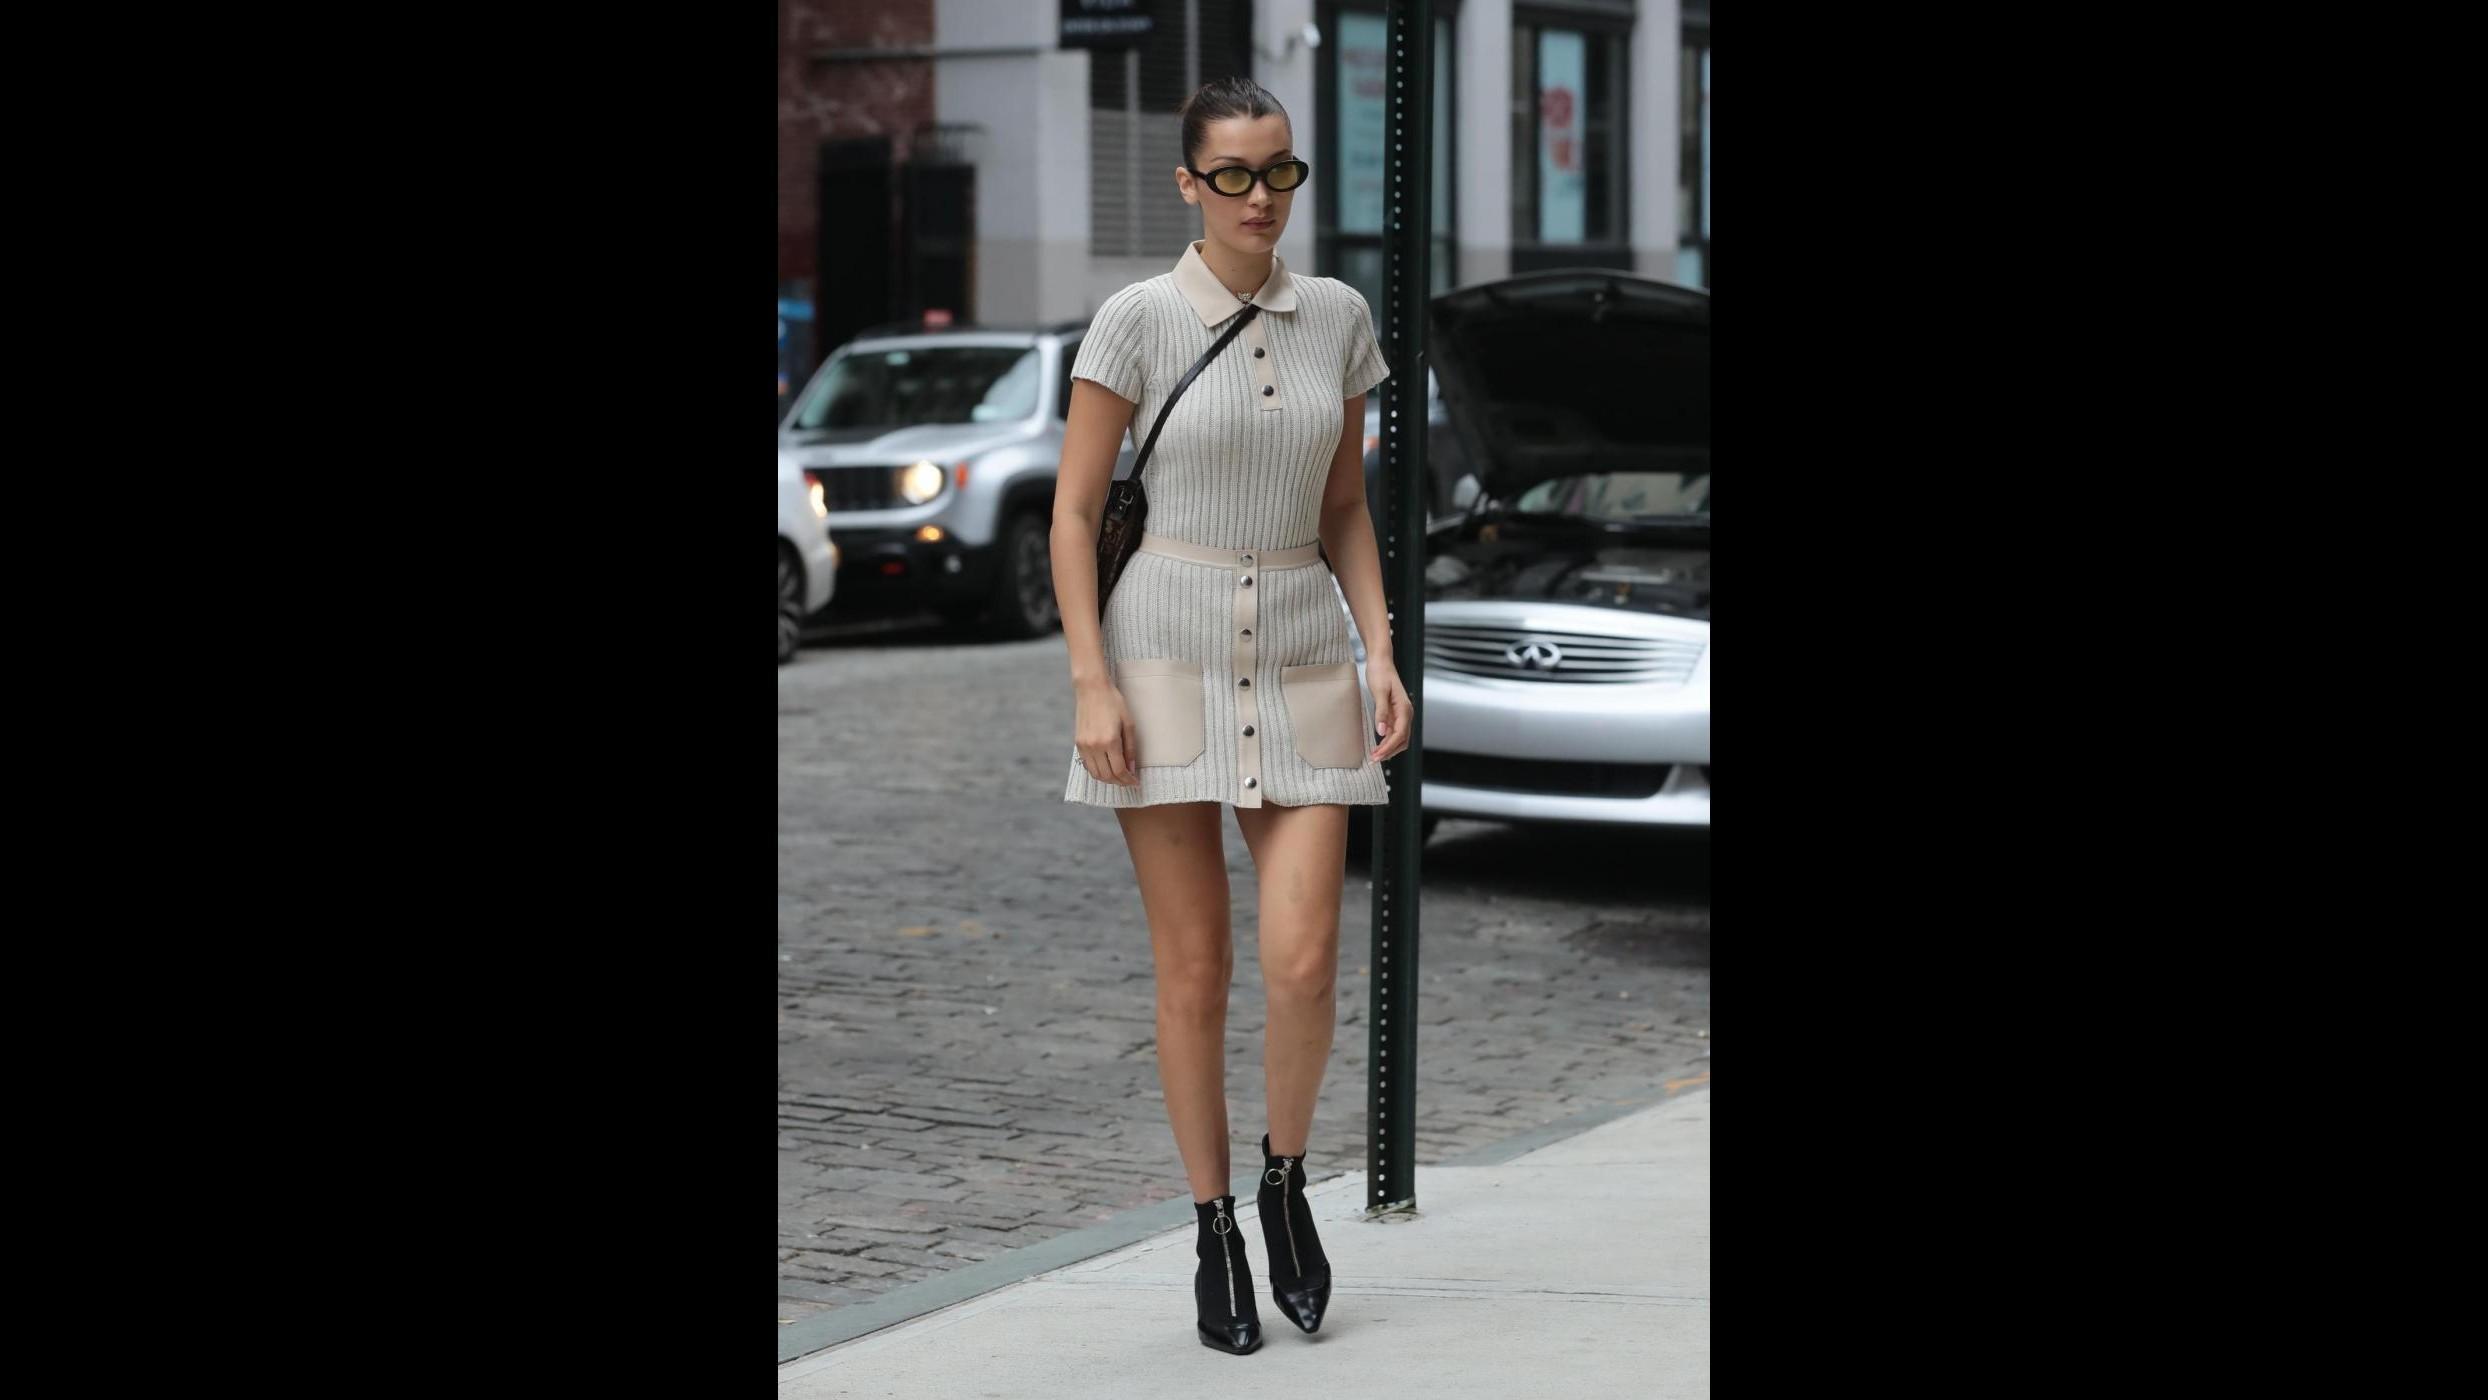 FOTO Mini vestito e gambe da urlo per Bella Hadid a passeggio per New York